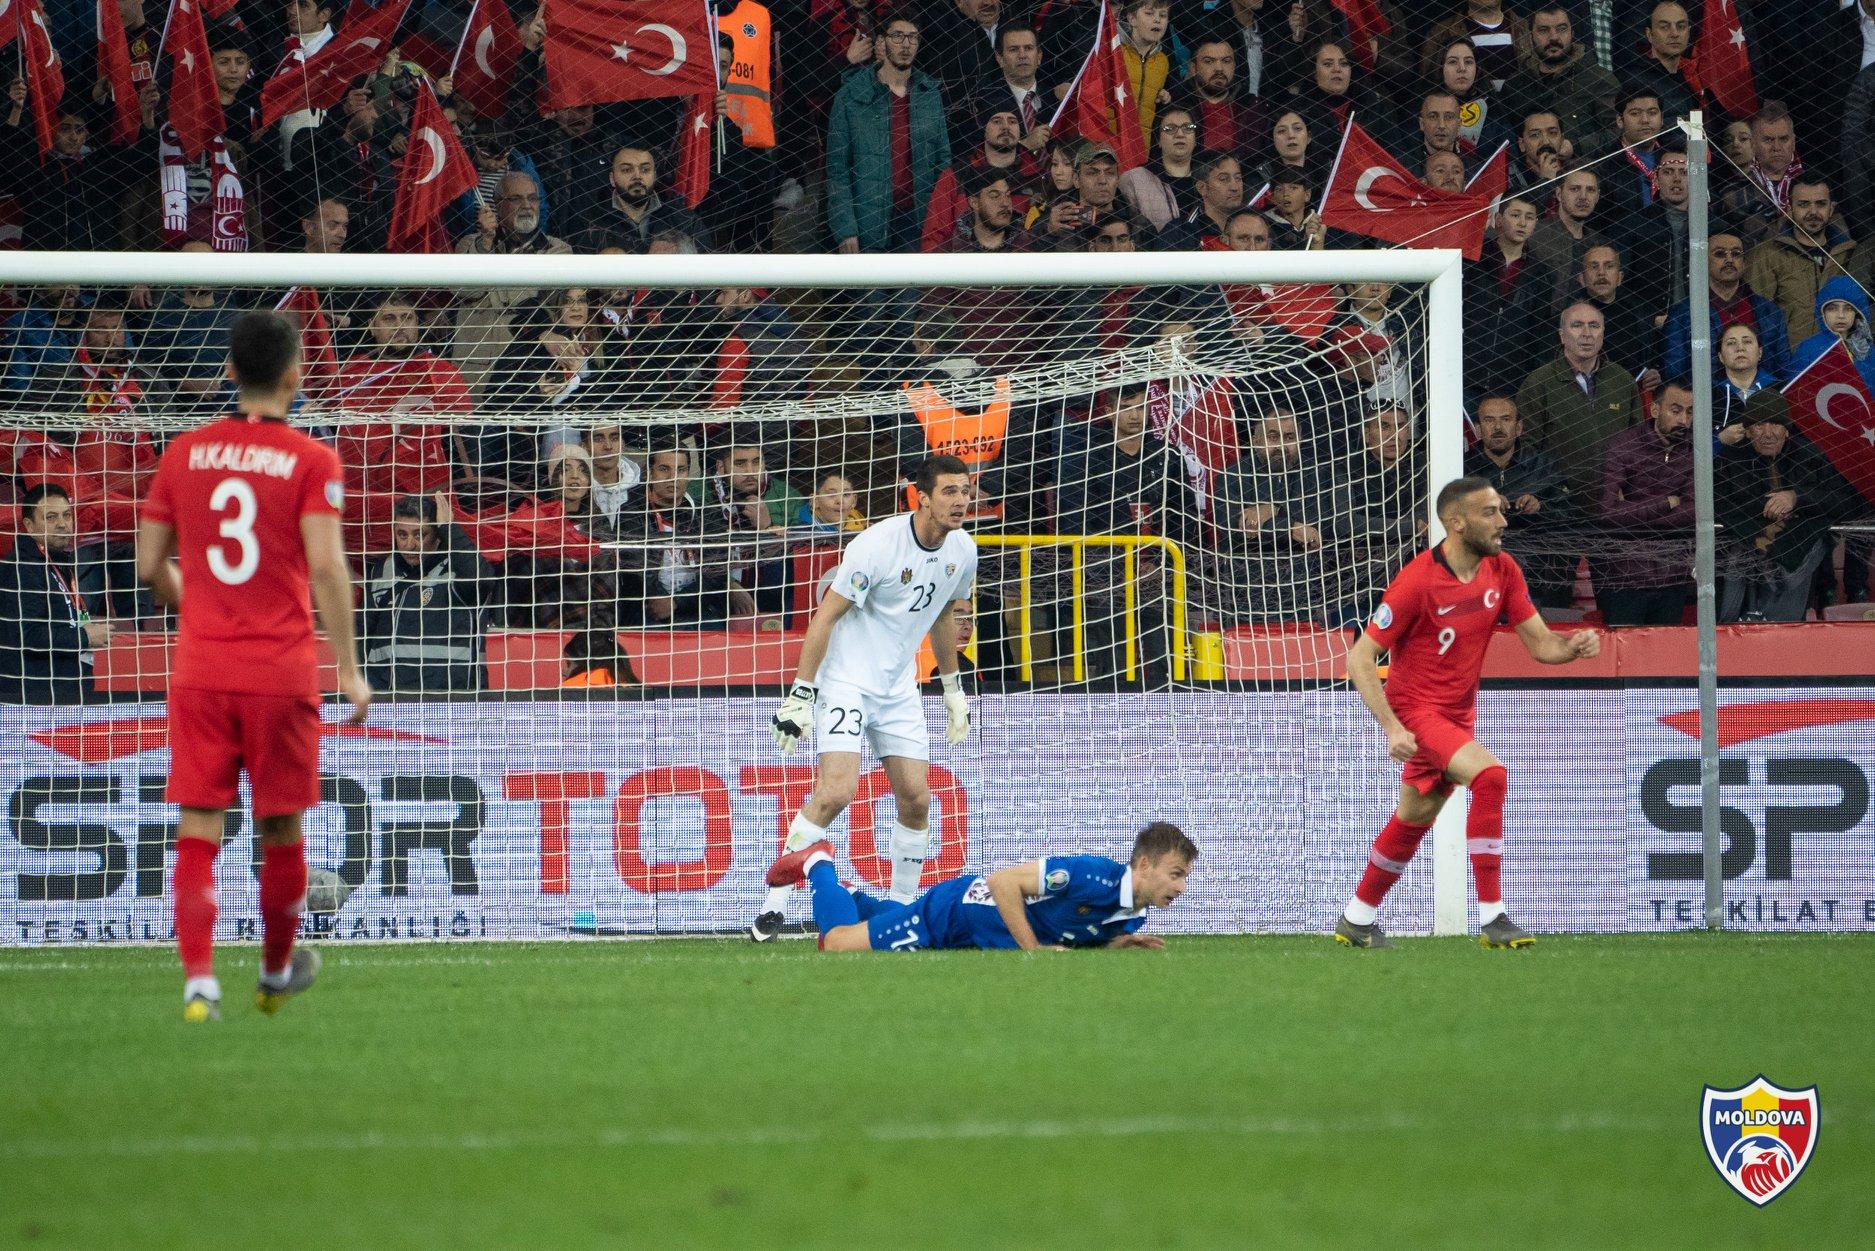 Portarul naționalei de fotbal – în lista celor mai buni portari europeni ai echipelor naționale